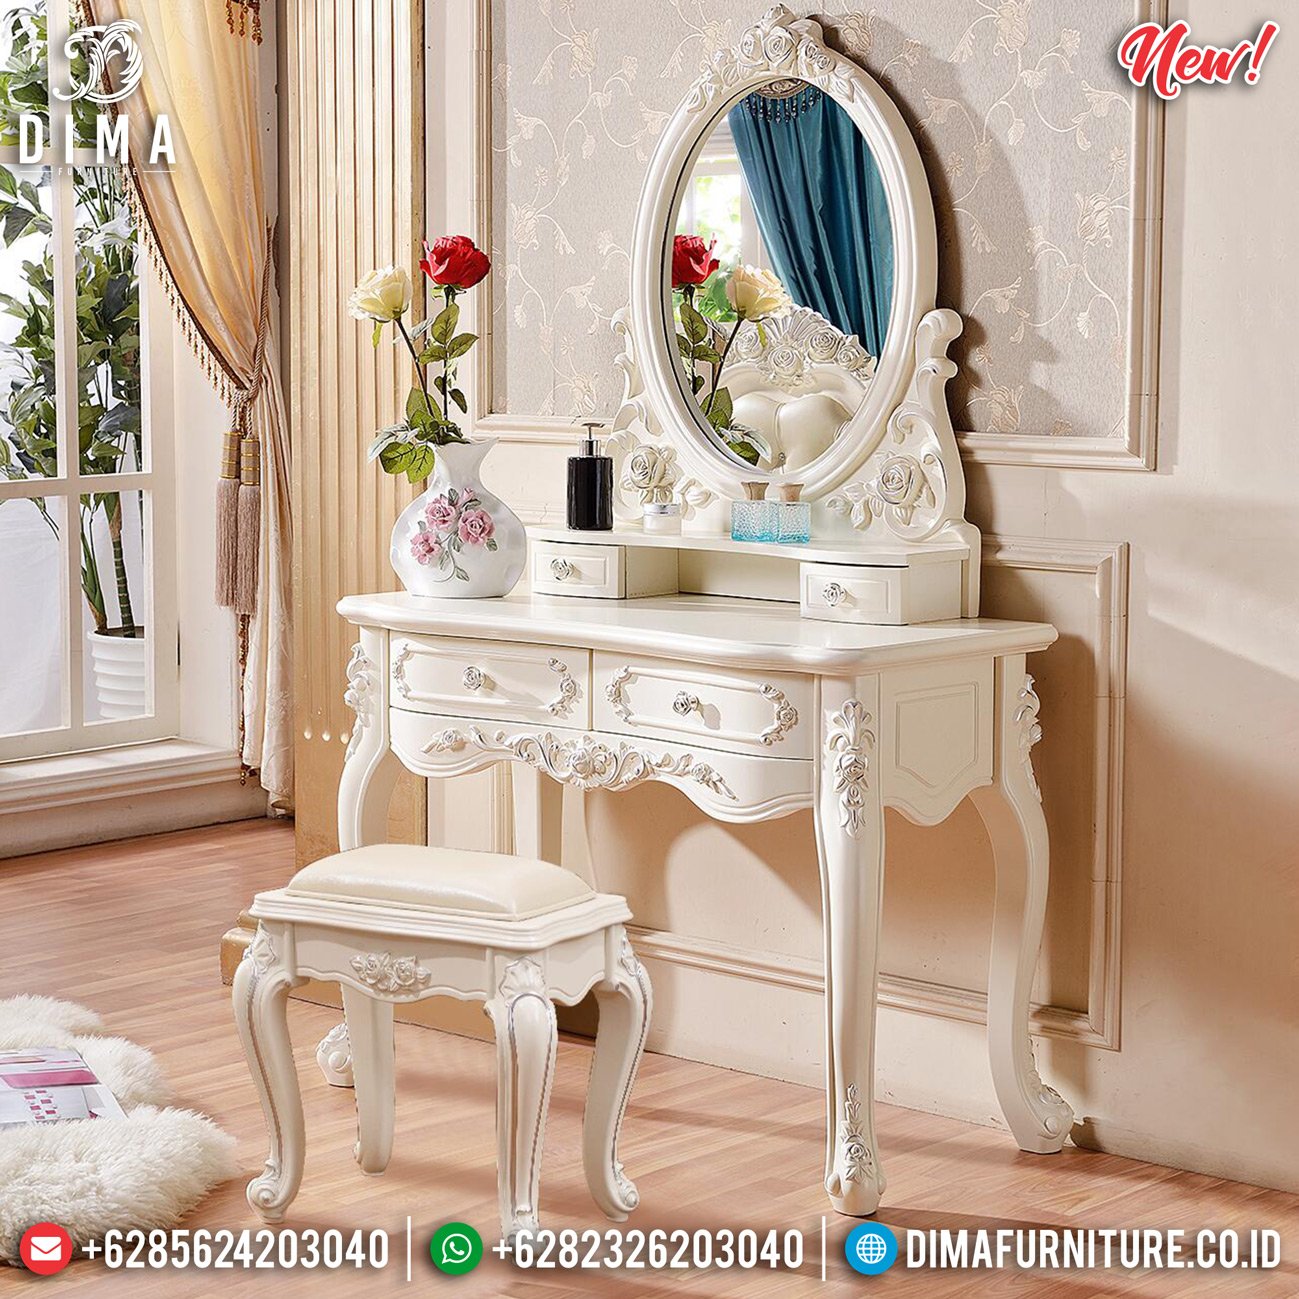 New Model Meja Rias Ukir Jepara Luxury Classic Antique Interior MMJ-0781